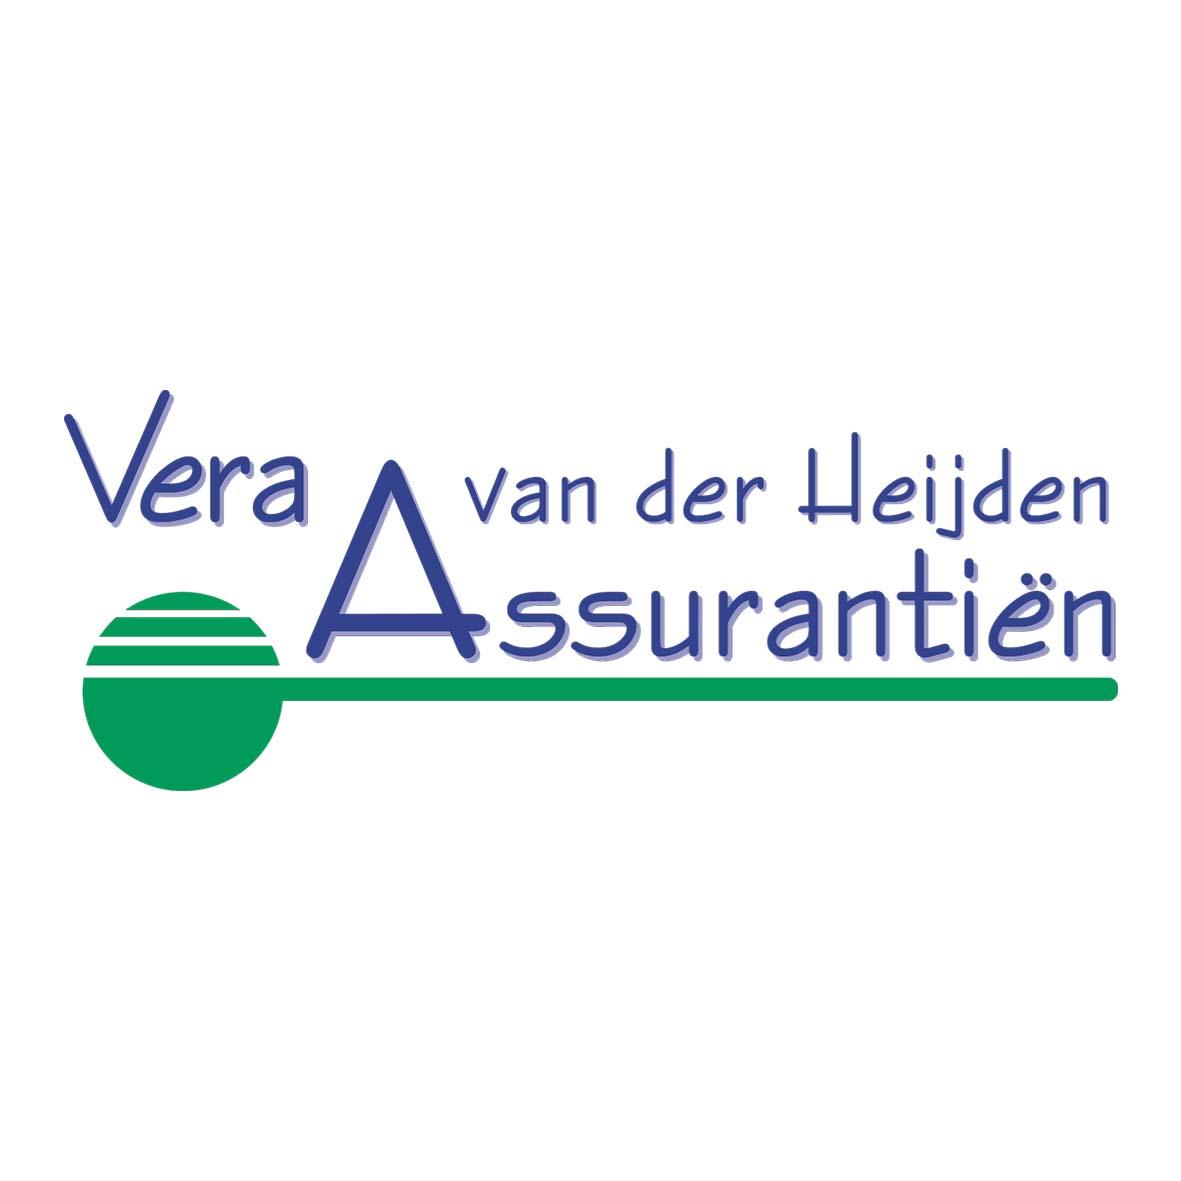 Vera_Van_Der_Heijden